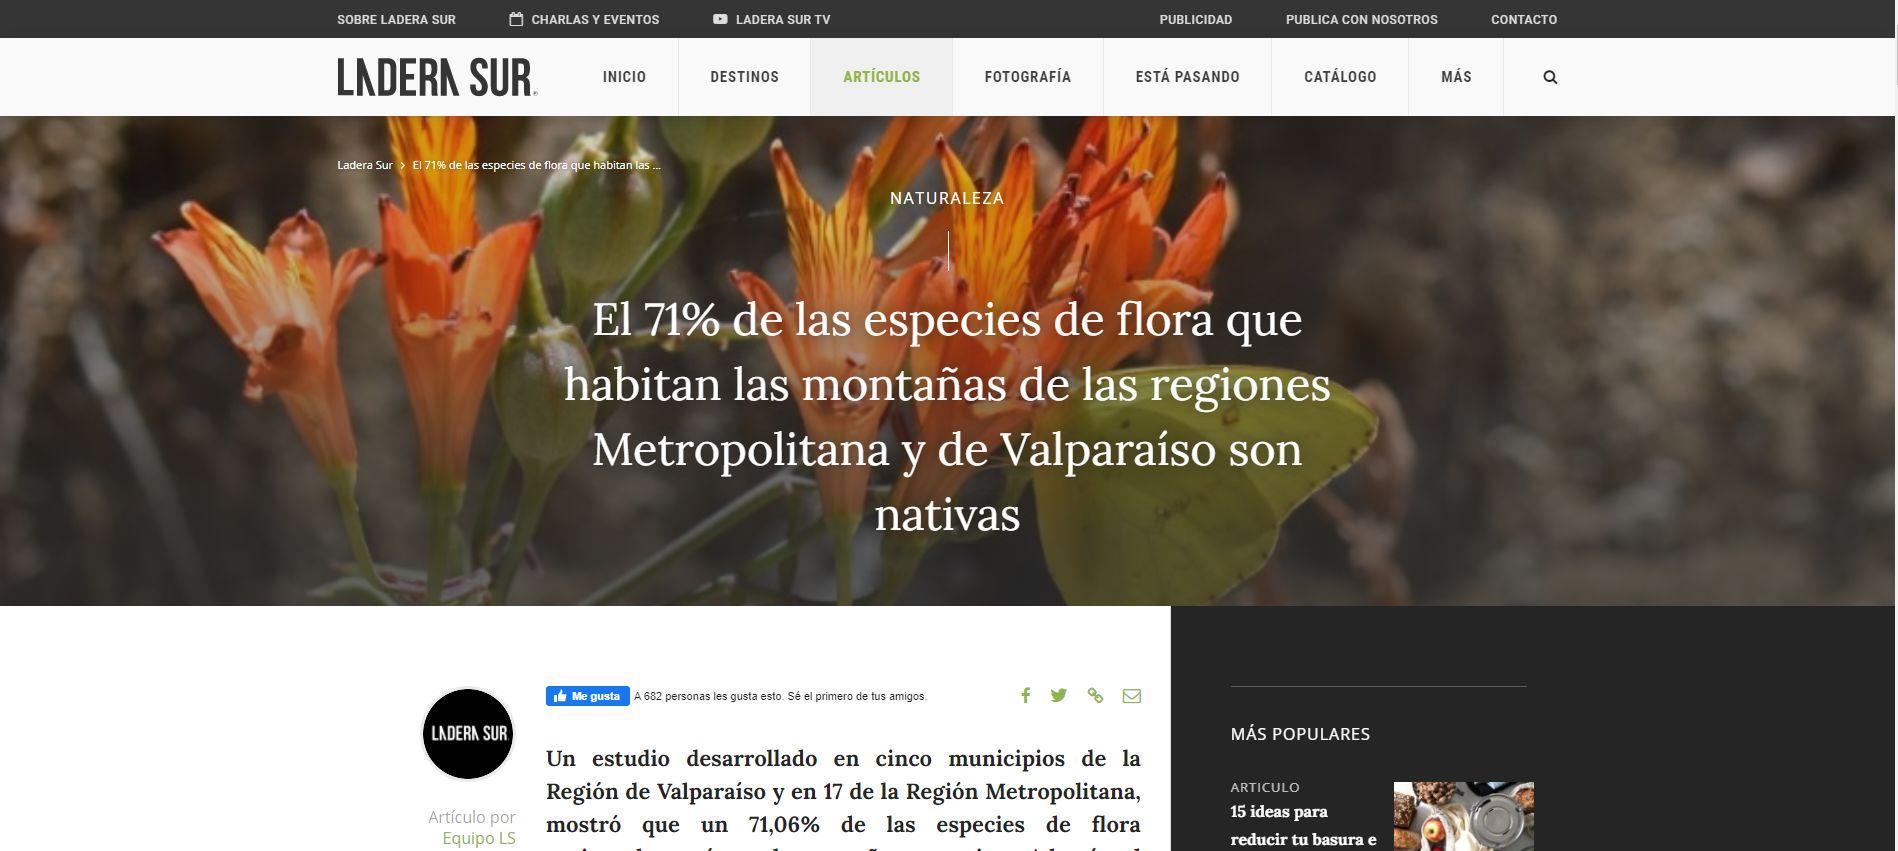 El 71% de las especies de flora que habitan las montañas de las regiones Metropolitana y de Valparaíso son nativas